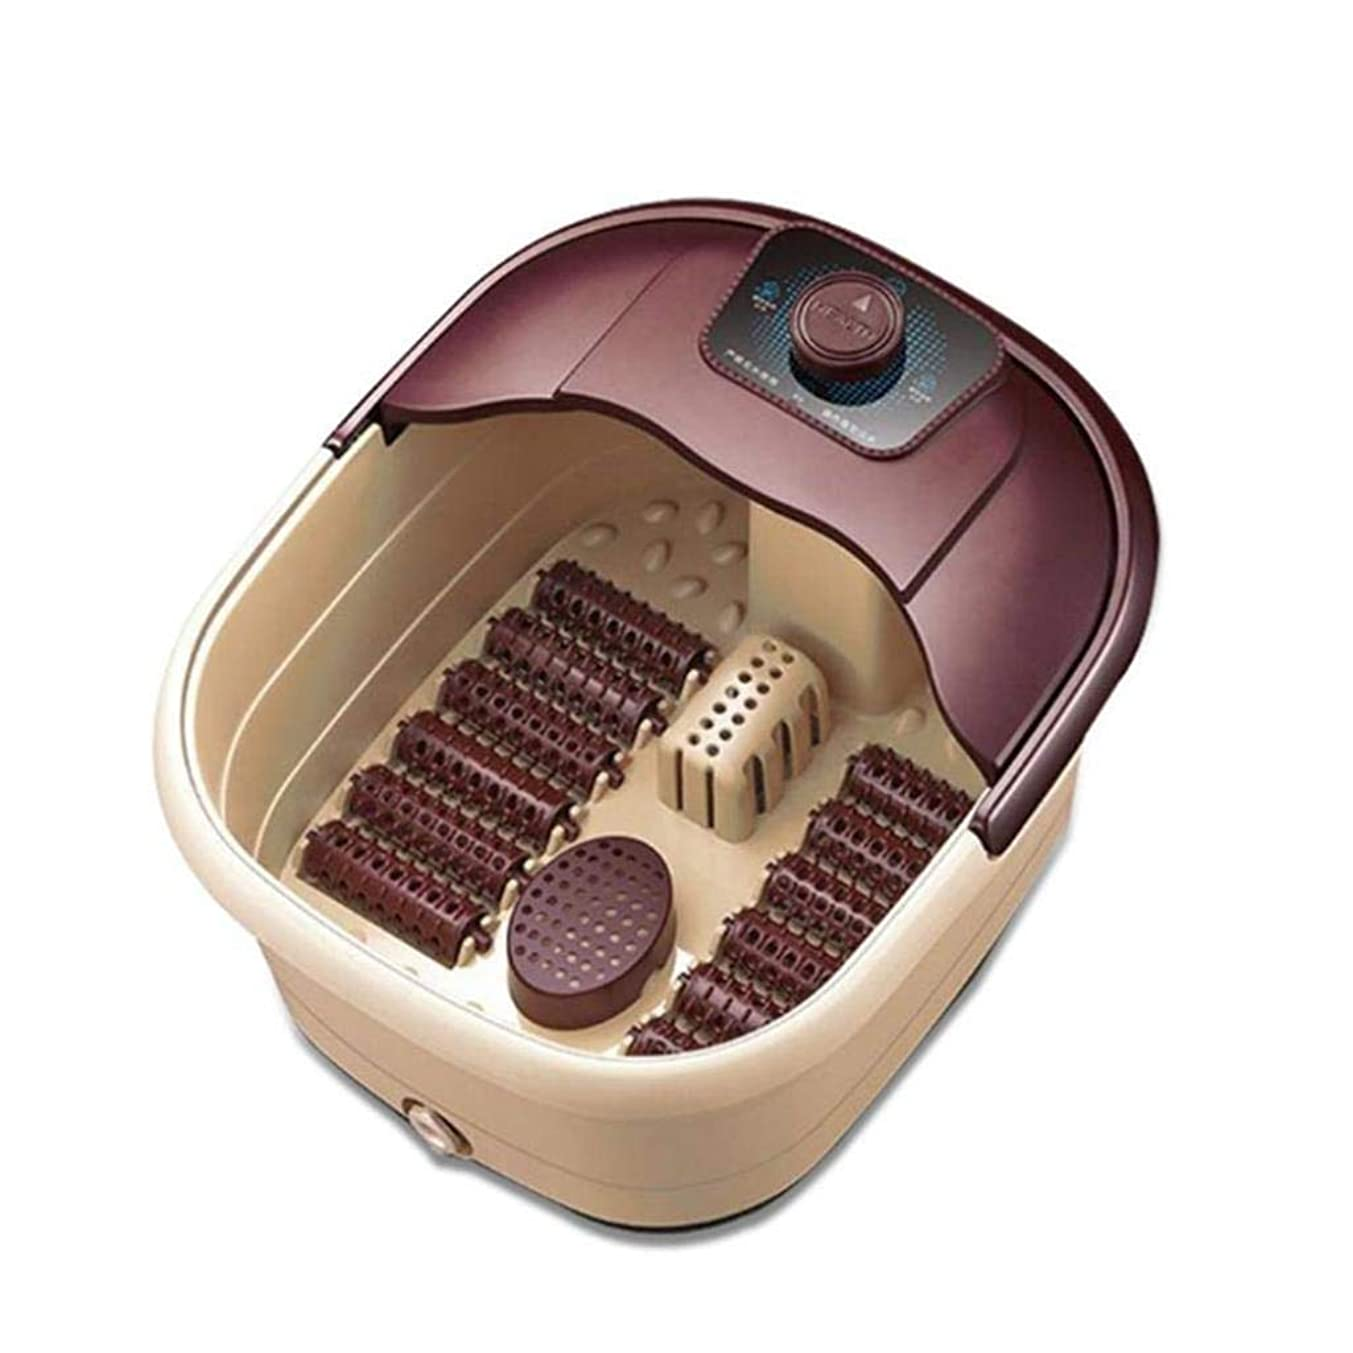 満州気づく入り口電動フットマッサージャー、マッサージャーバケット、電動フットスパ/バスマッサージマシン、高温温度制御ローリング、フットケアおよびストレスリリーフ用